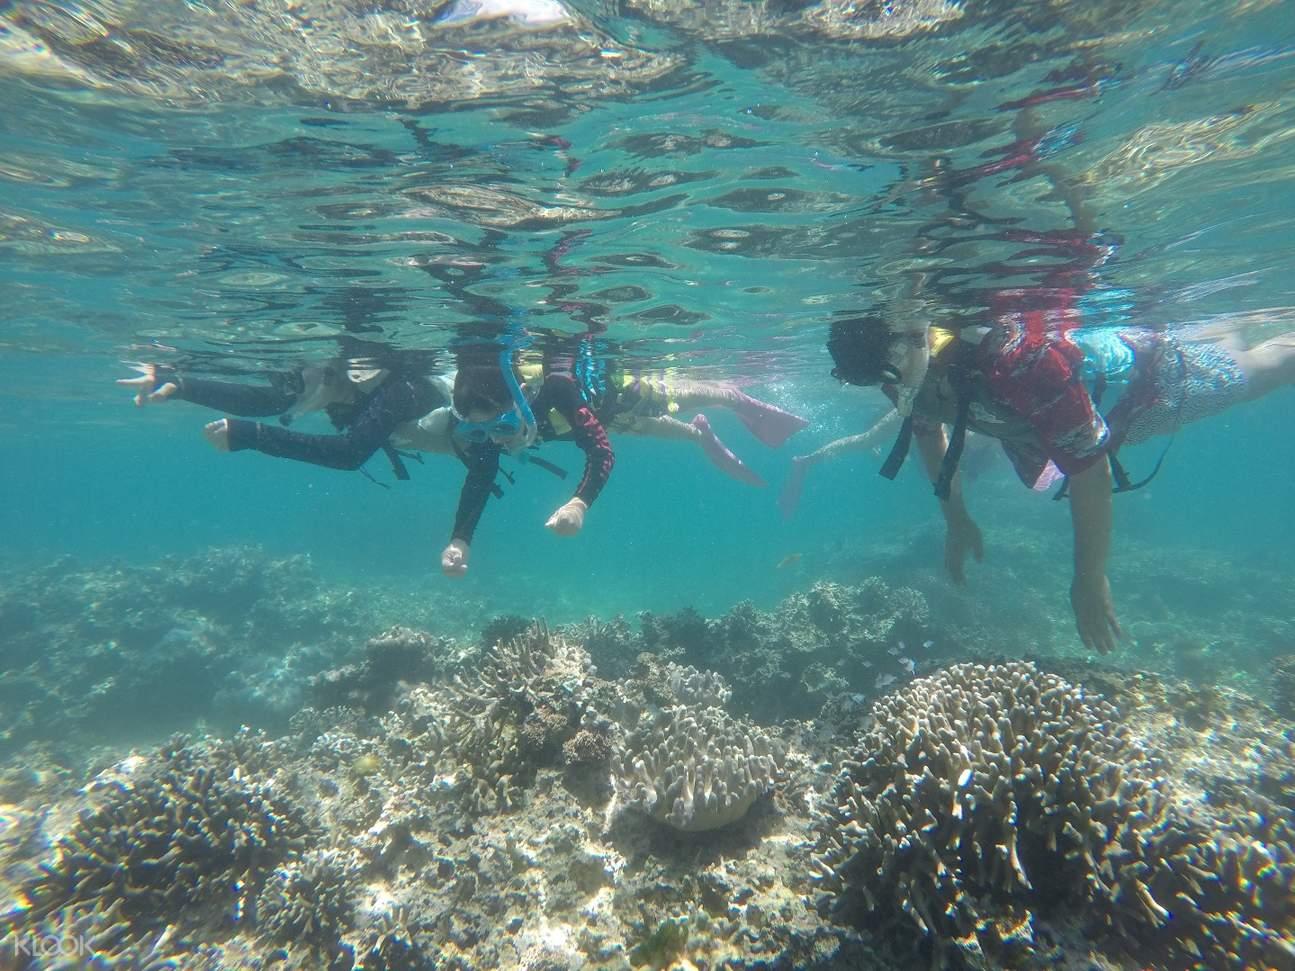 parasailing experience sesoko island